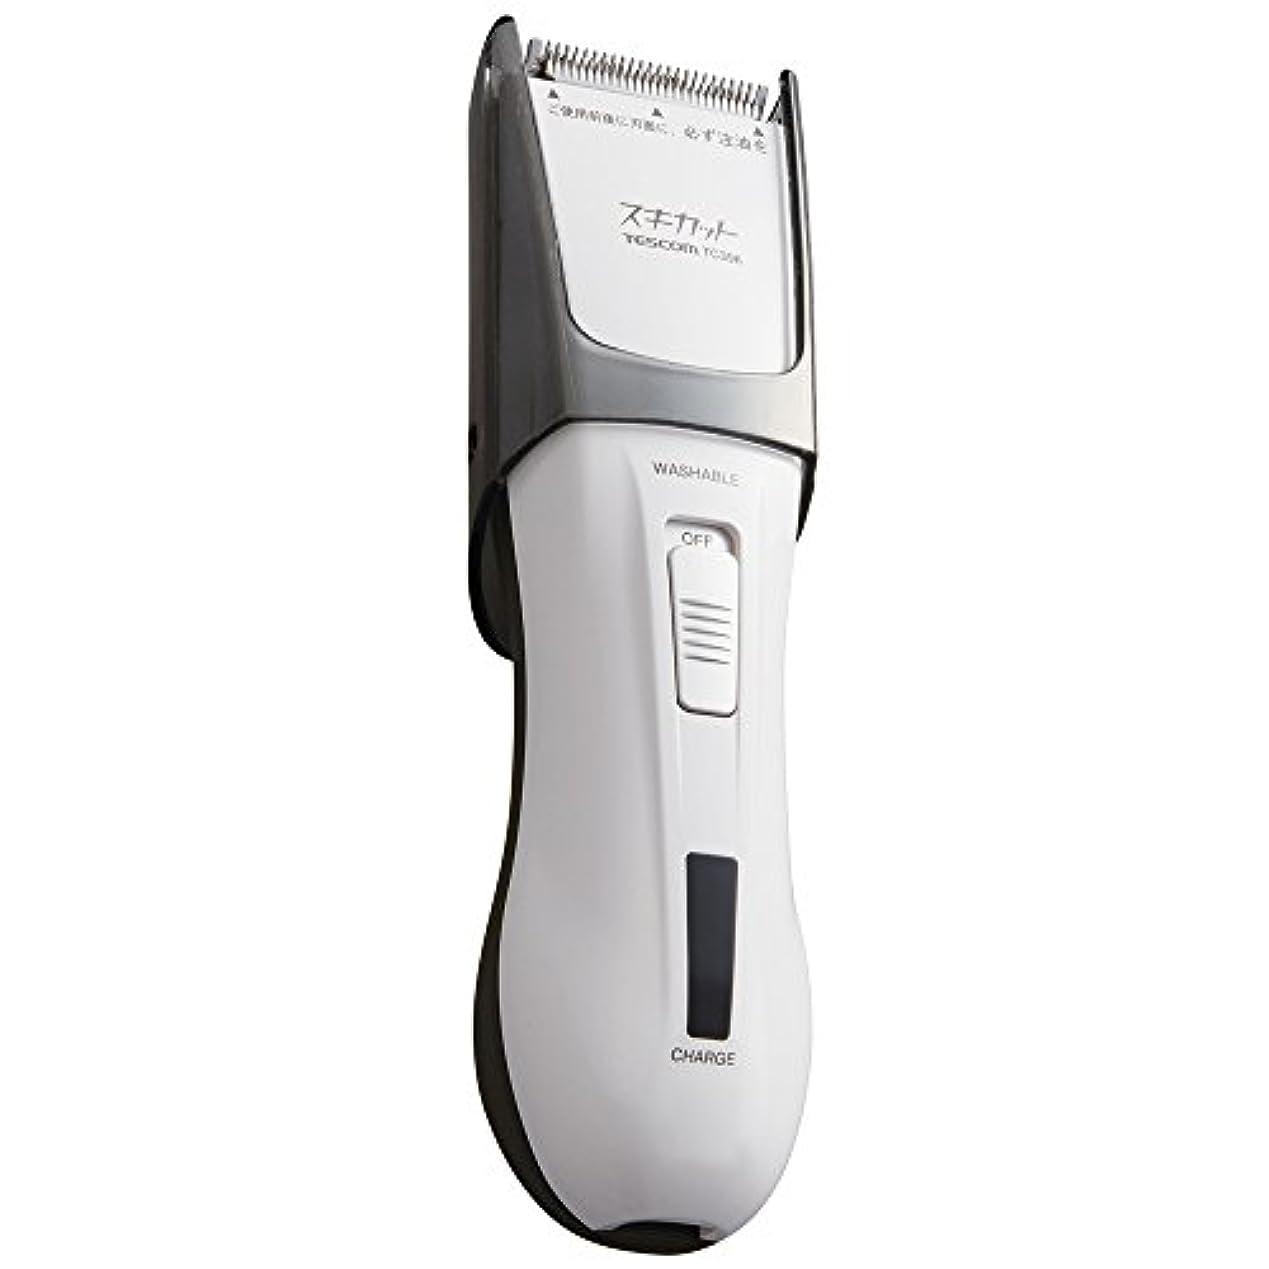 図書館賠償マイクロプロセッサTESCOM スキカット 電気バリカン ホワイト TC396-W